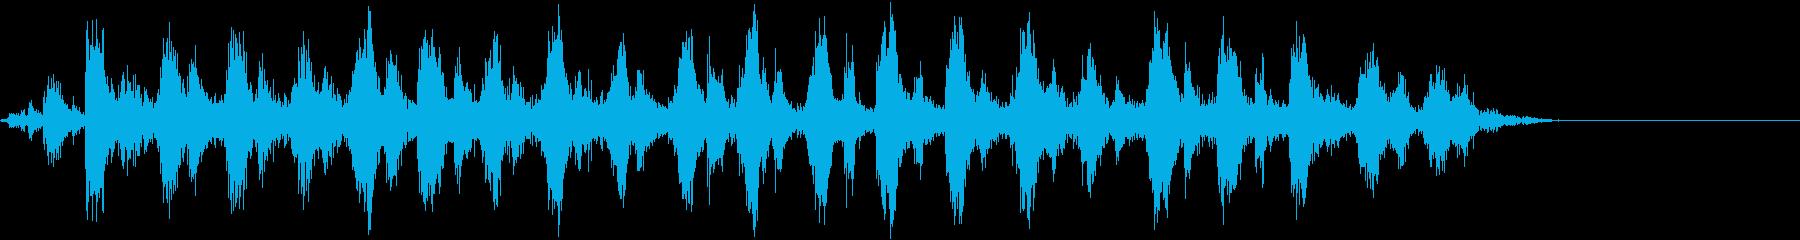 音響ギター:のこぎりの鳴き声、漫画...の再生済みの波形